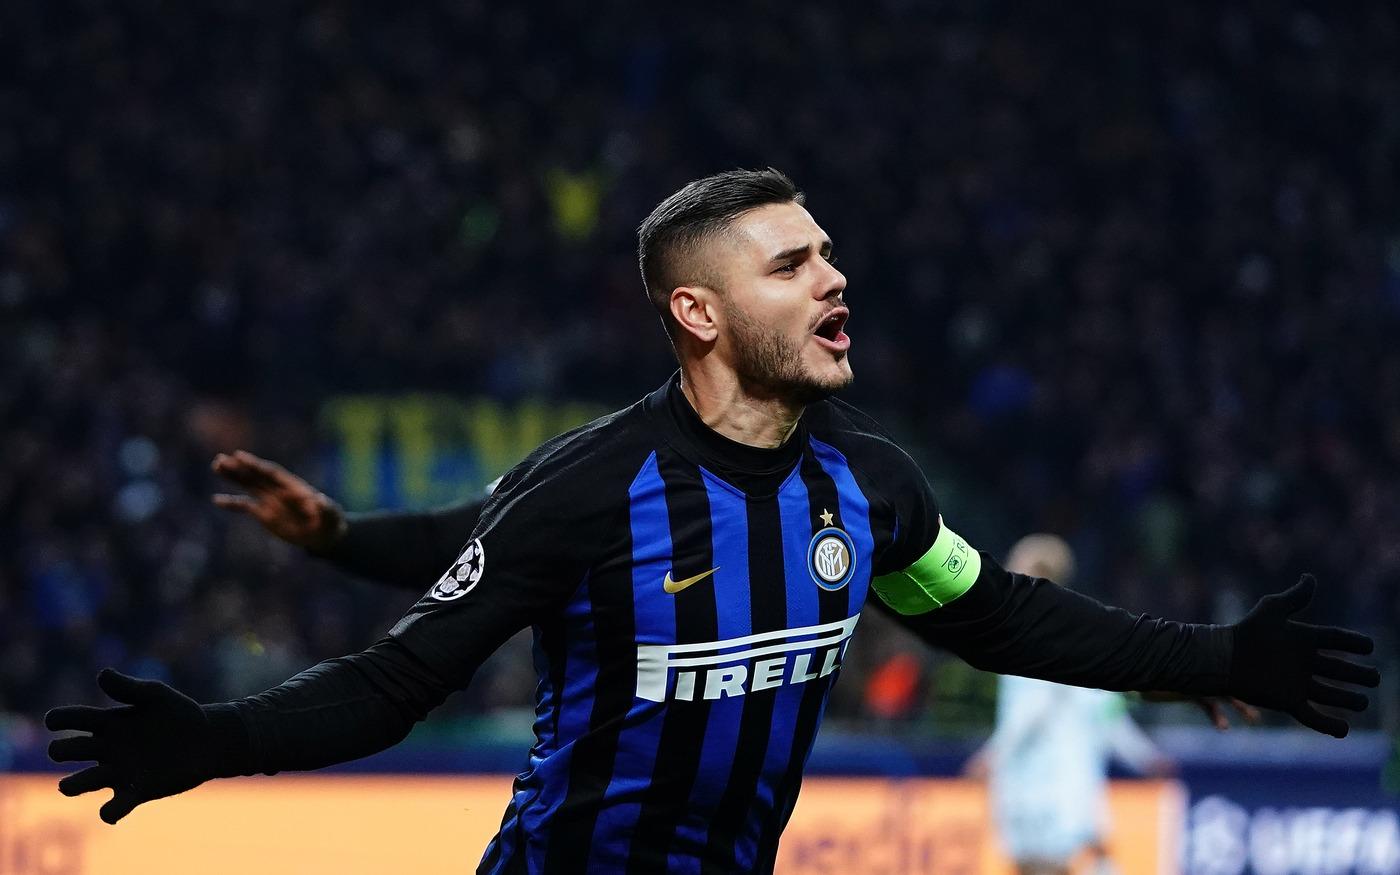 Genoa-Inter 3 aprile: match valido per la 30 esima giornata di Serie A. I nerazzurri ritroveranno Icardi tra i convocati?